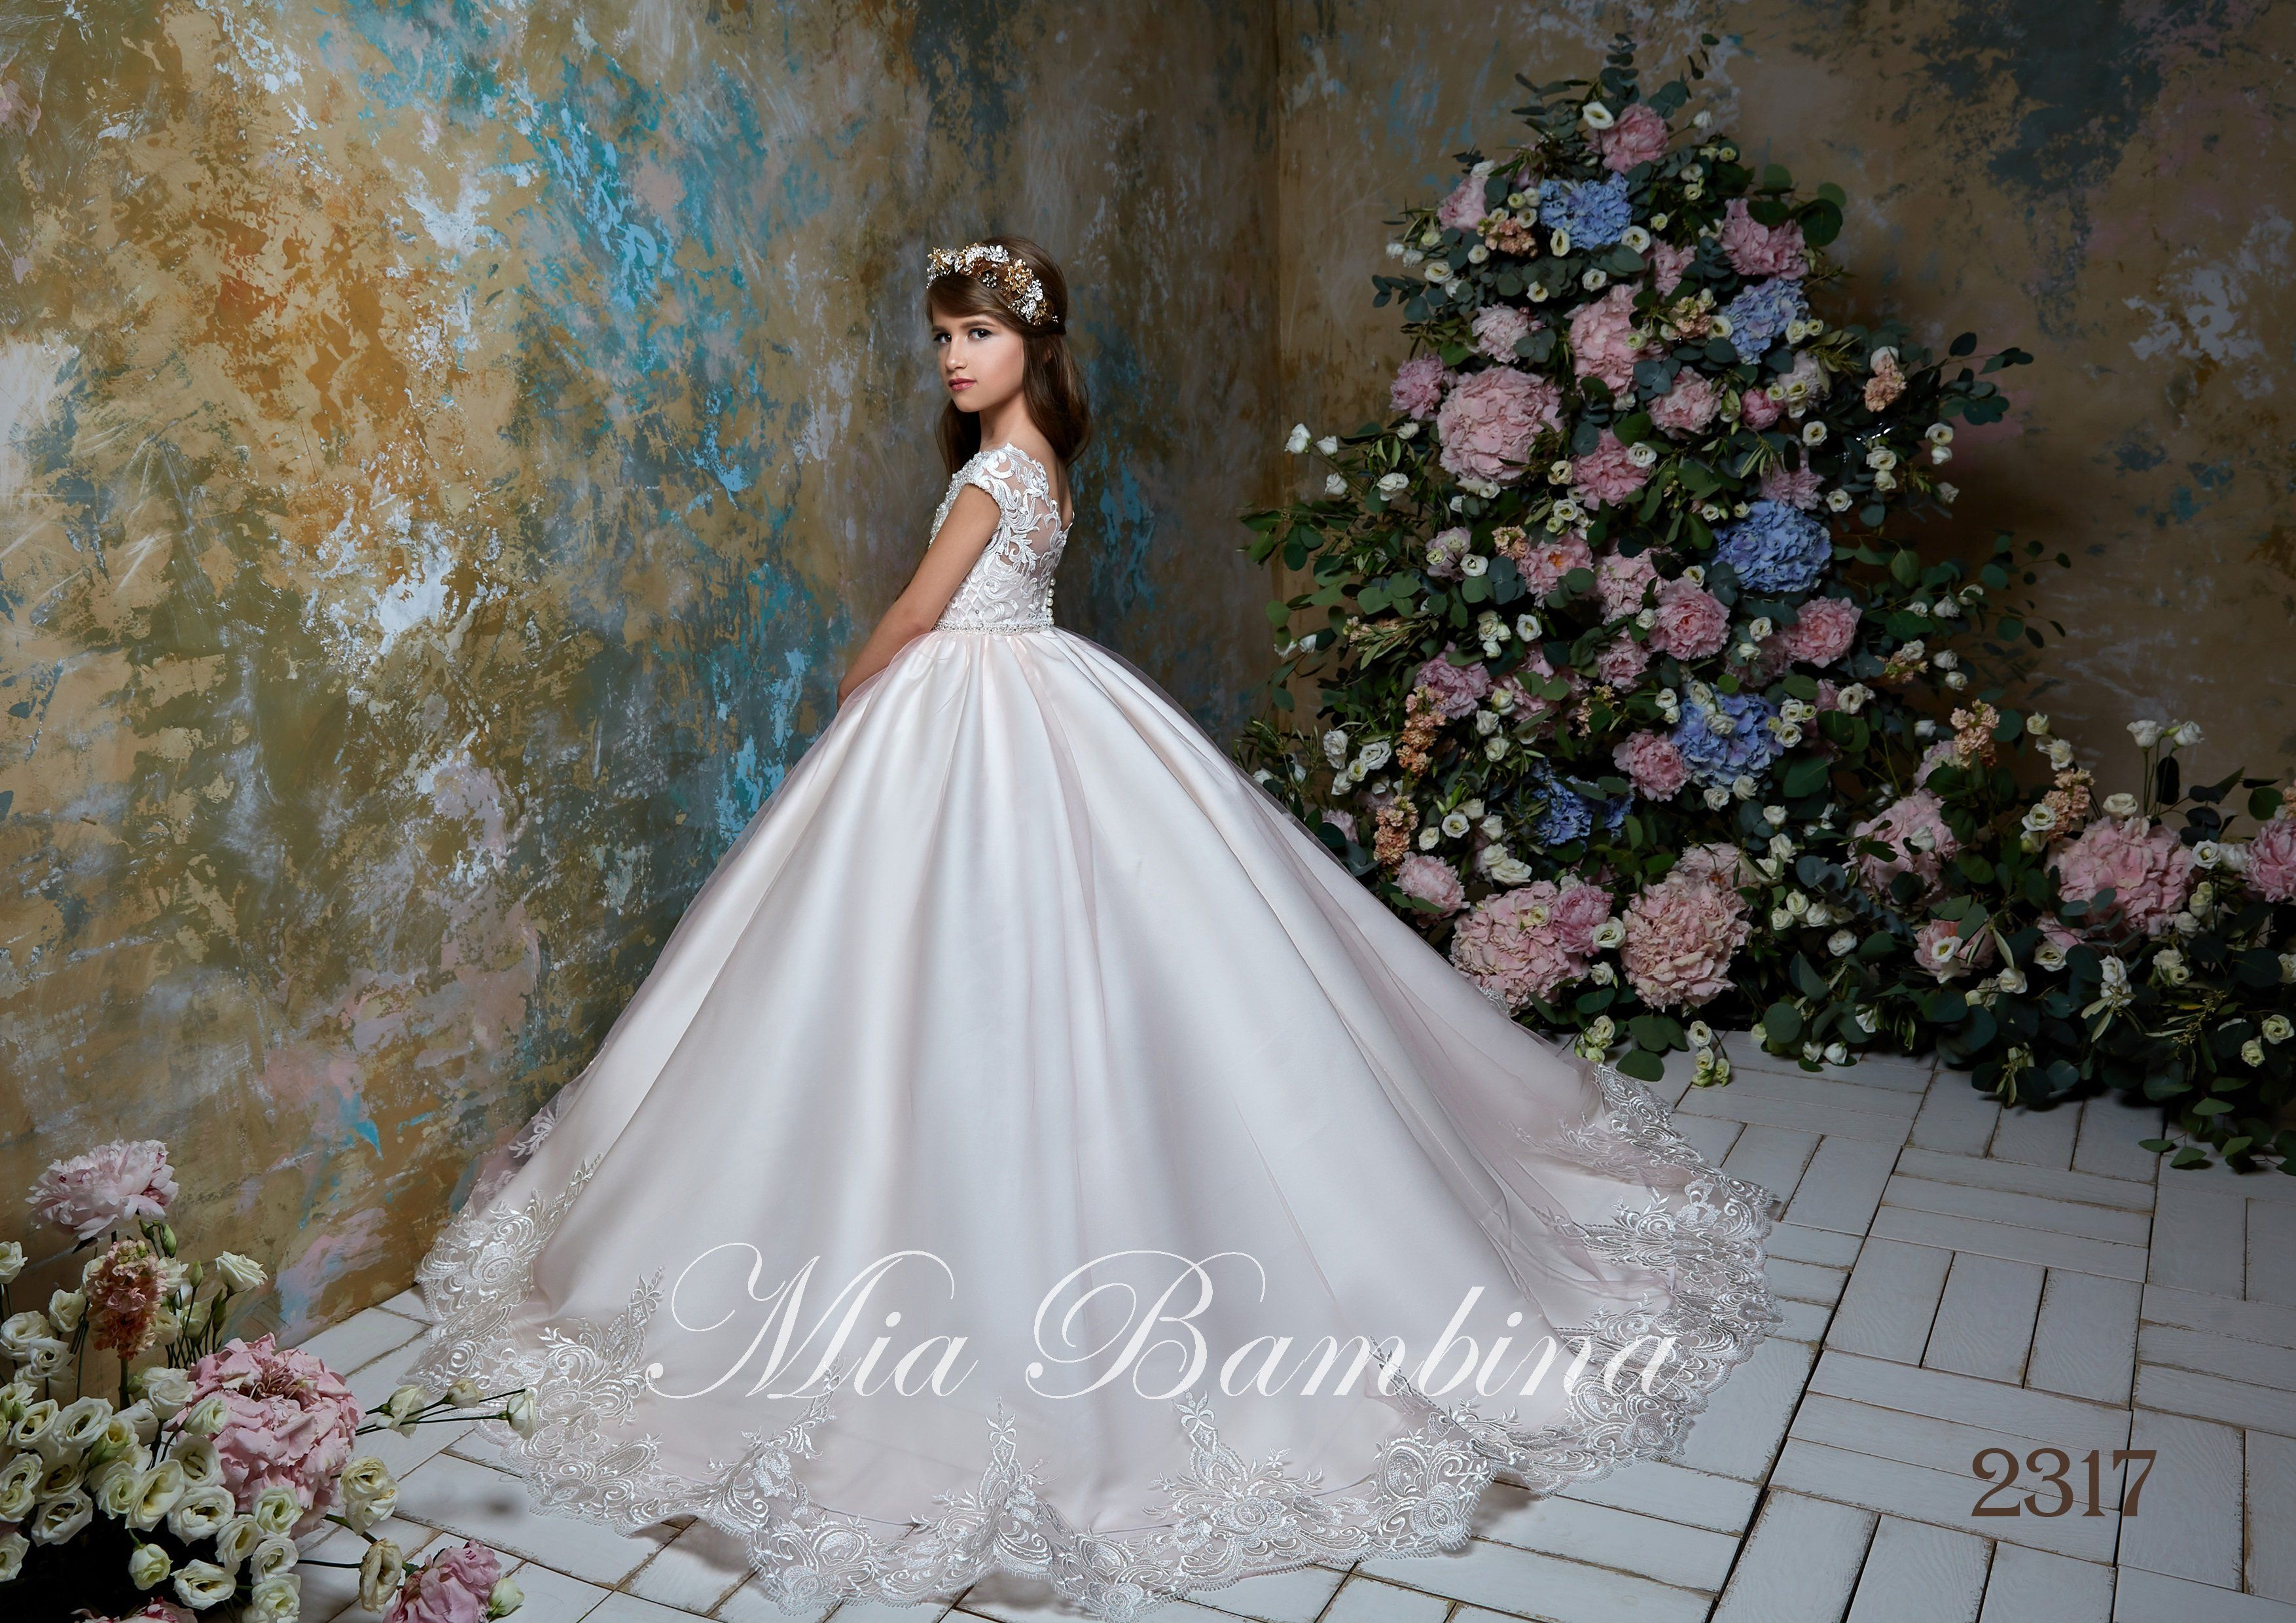 Flower Girl Dresses Junior Bridesmaid Cap Sleeves Beaded Top Tulle